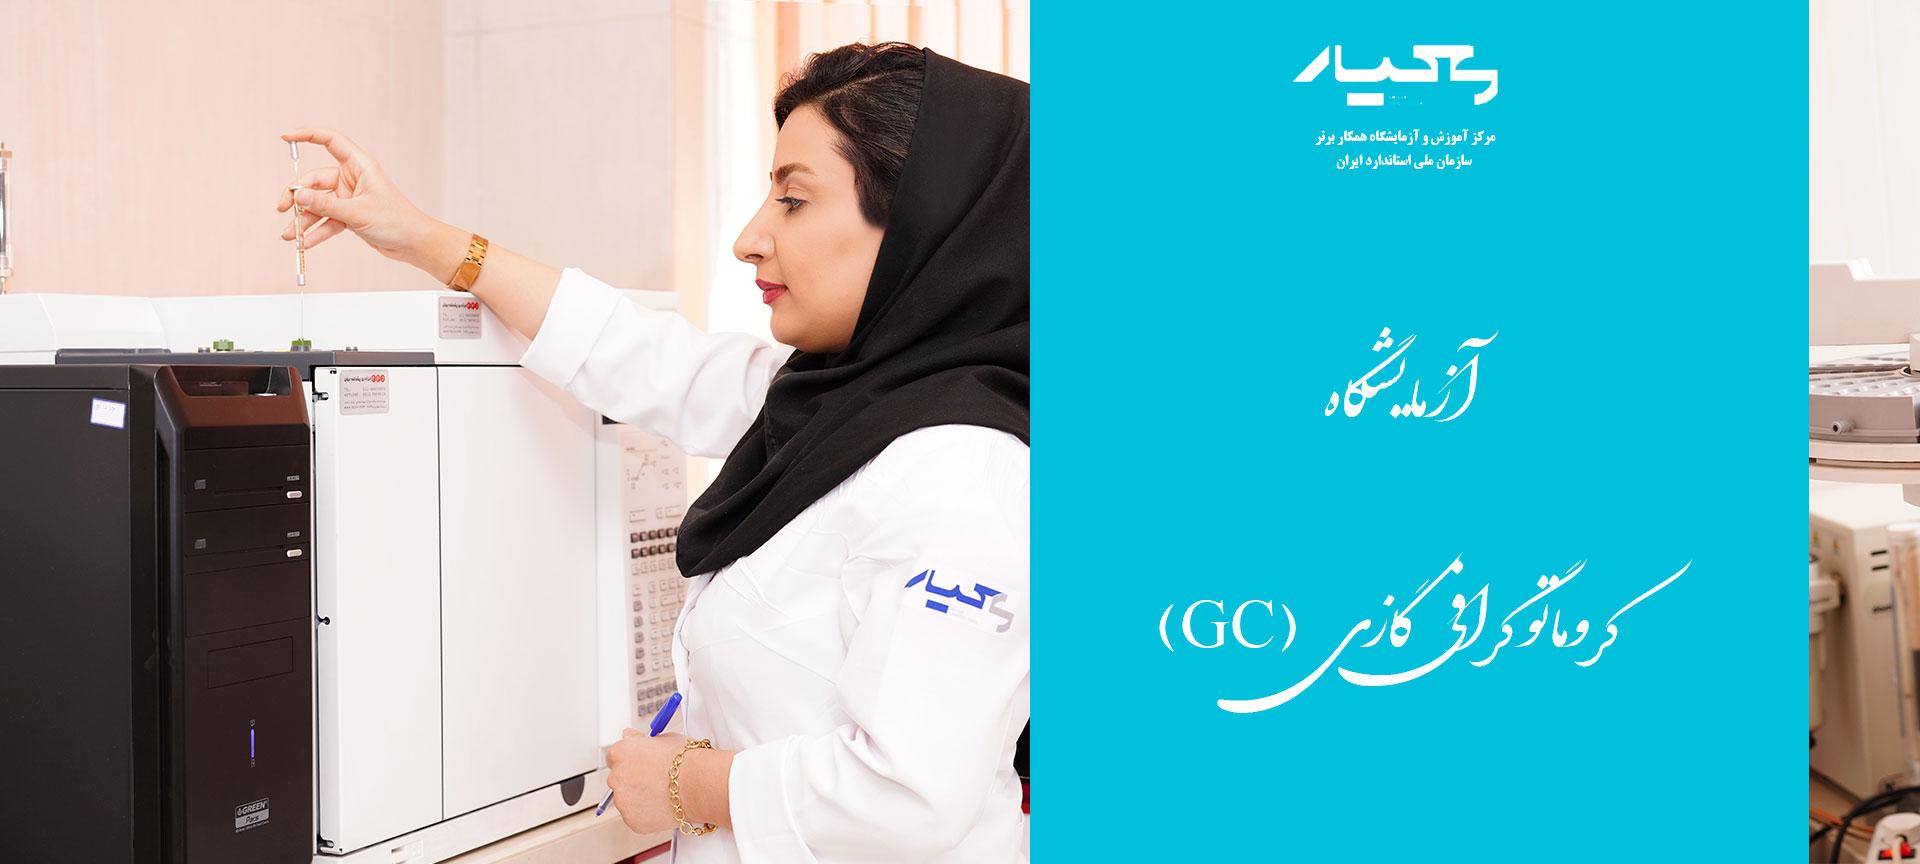 آزمایشگاه کروماتوگرافی گازی (GC)